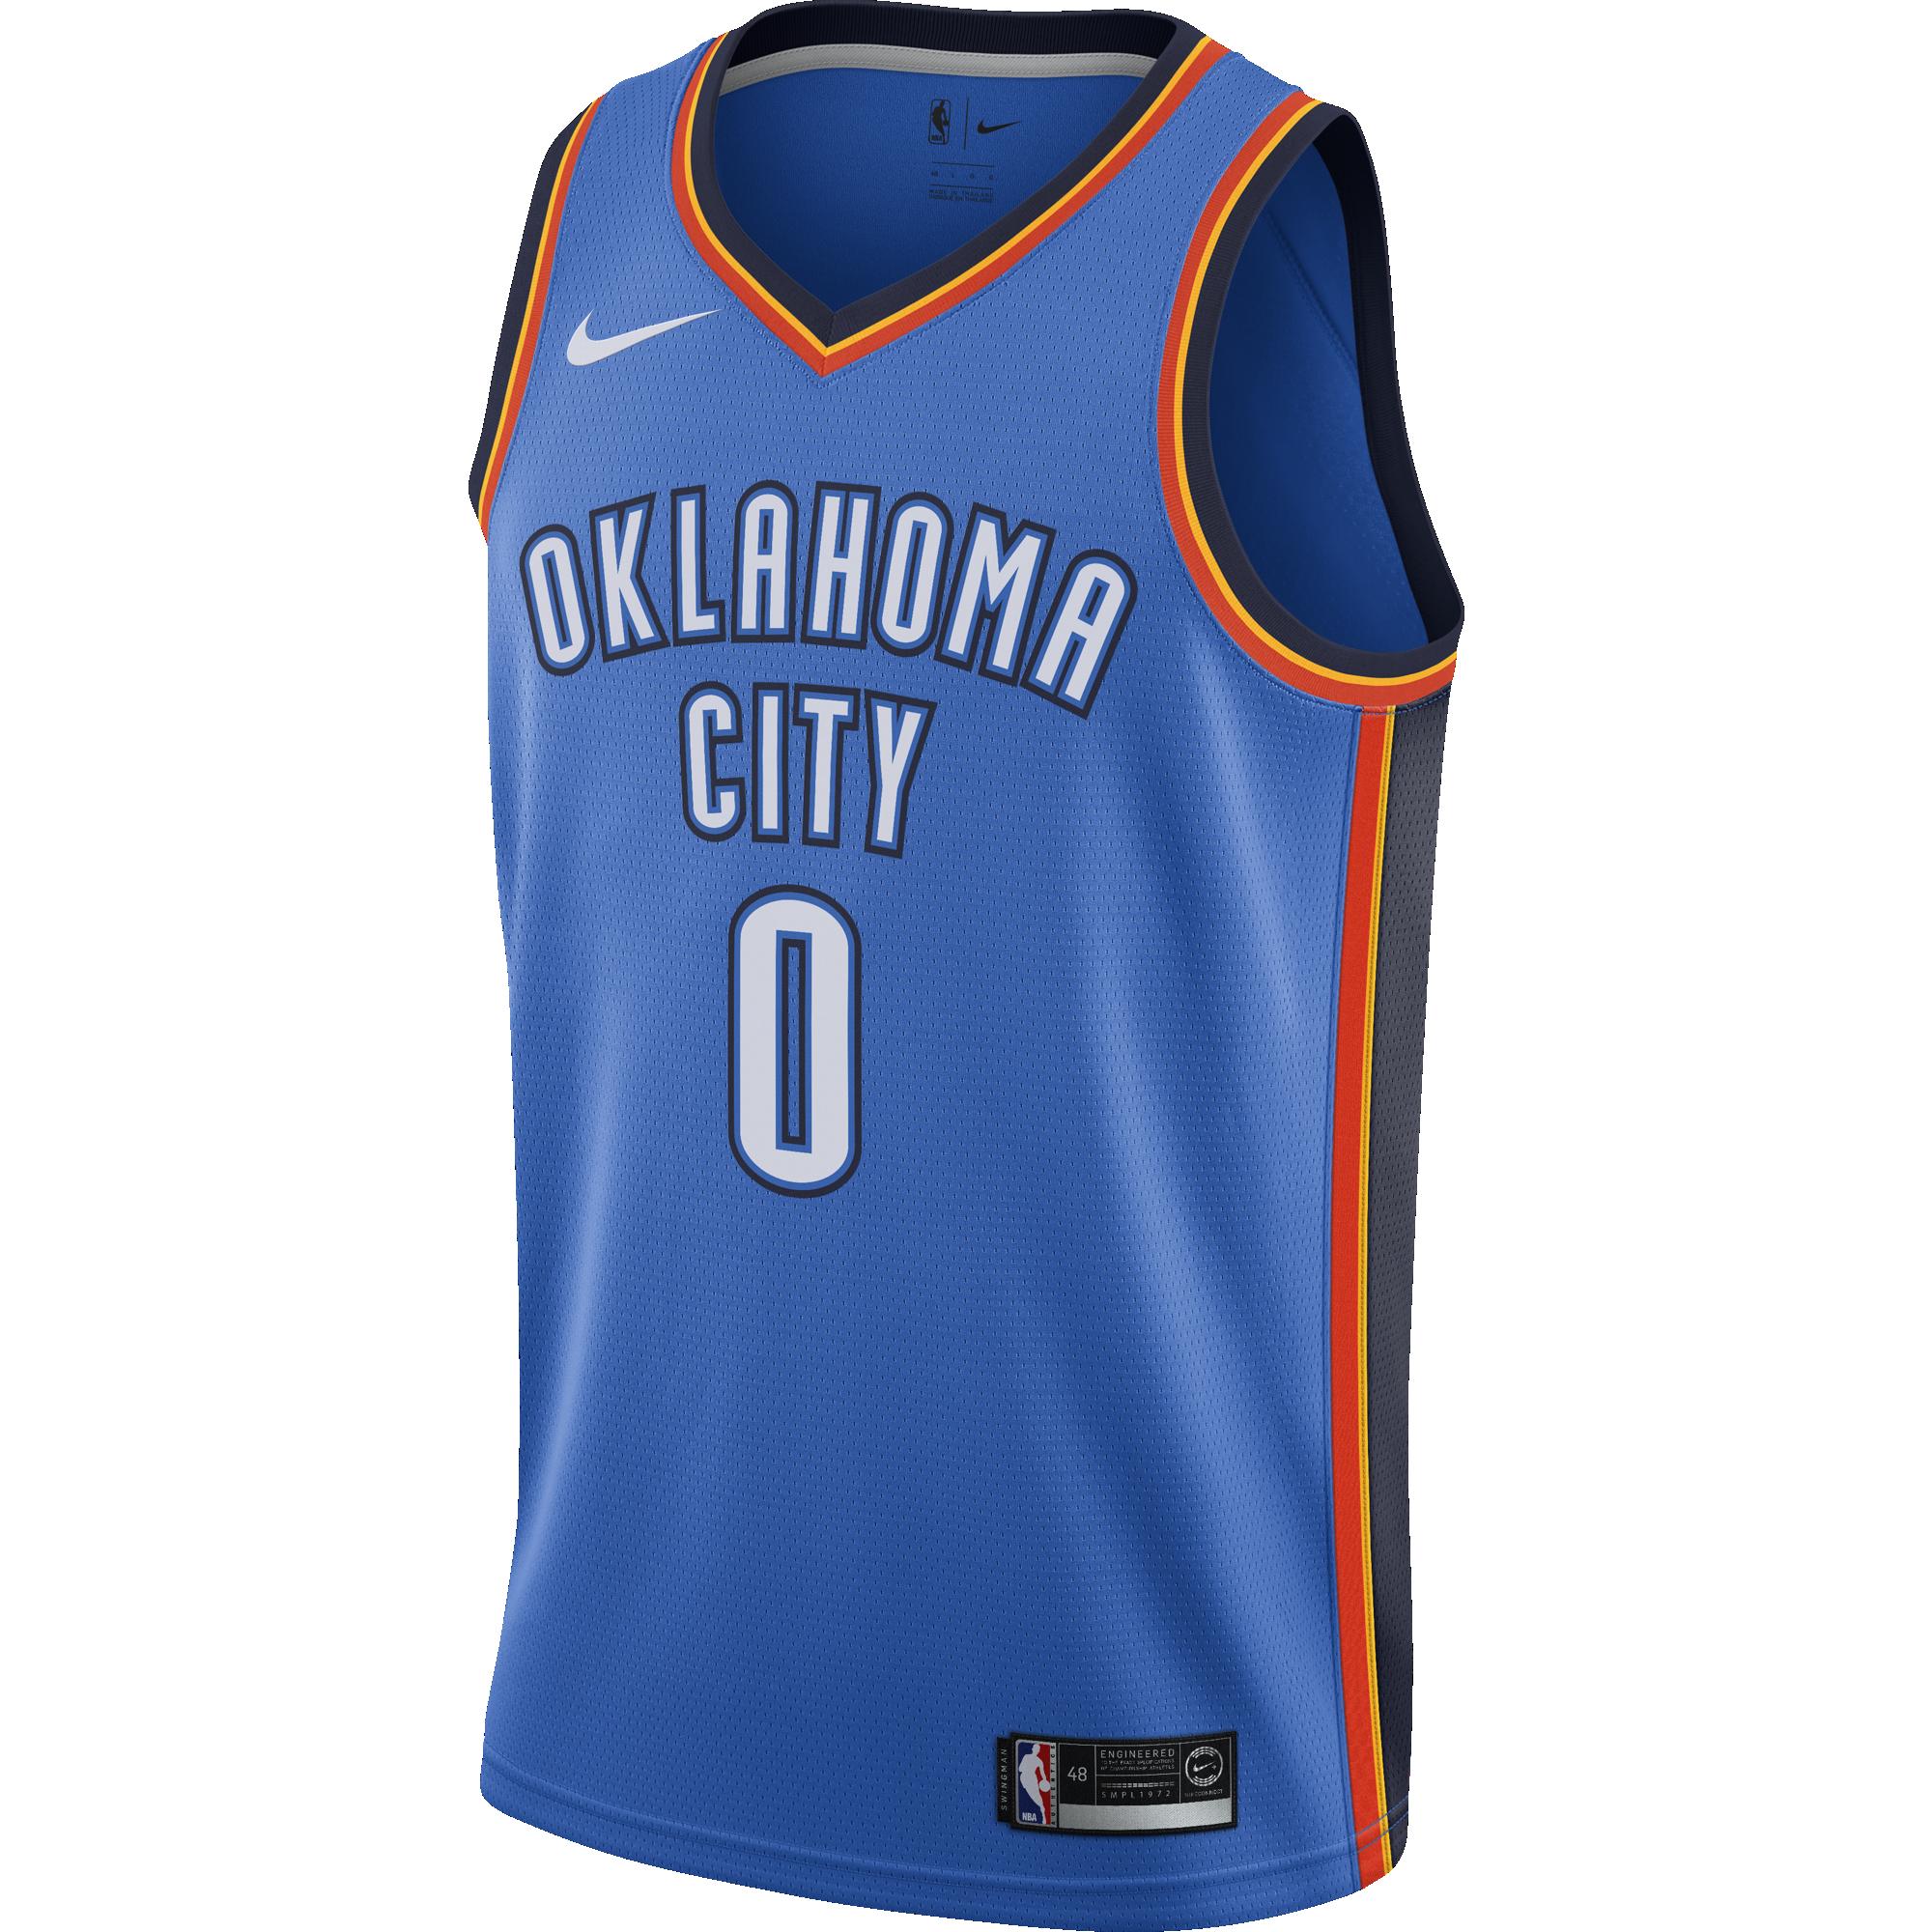 NIKE NBA OKLAHOMA CITY THUNDER ROAD